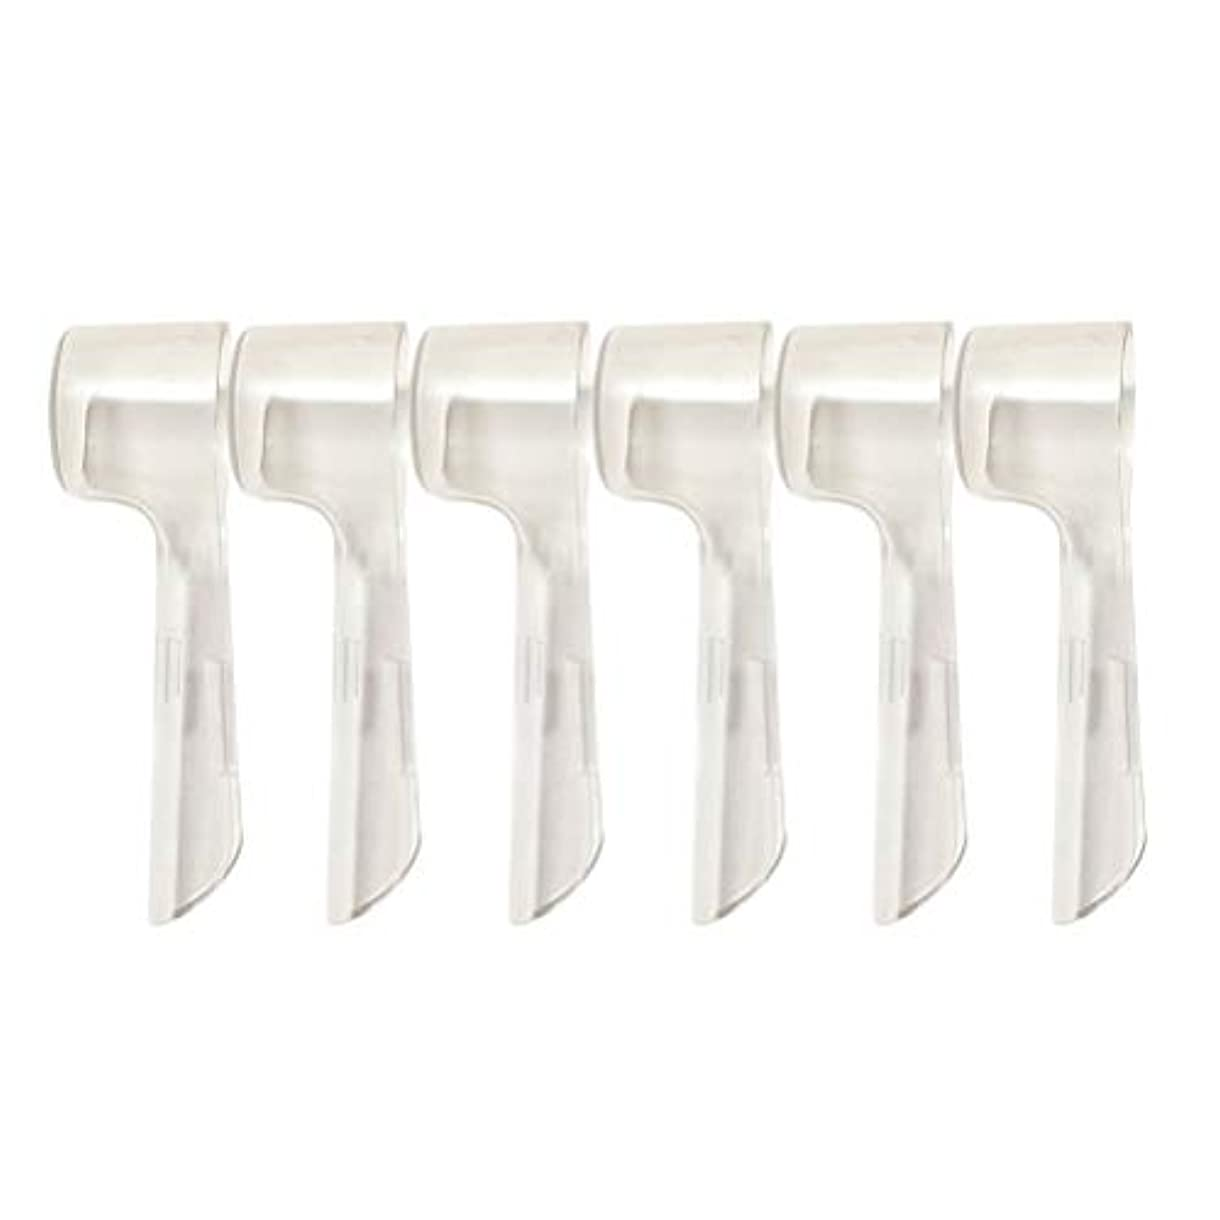 値する契約虐殺Healifty 電動歯ブラシヘッド 保護カバー 旅行 キャップ 日常の使用で細菌をほこりから守る 10ピース